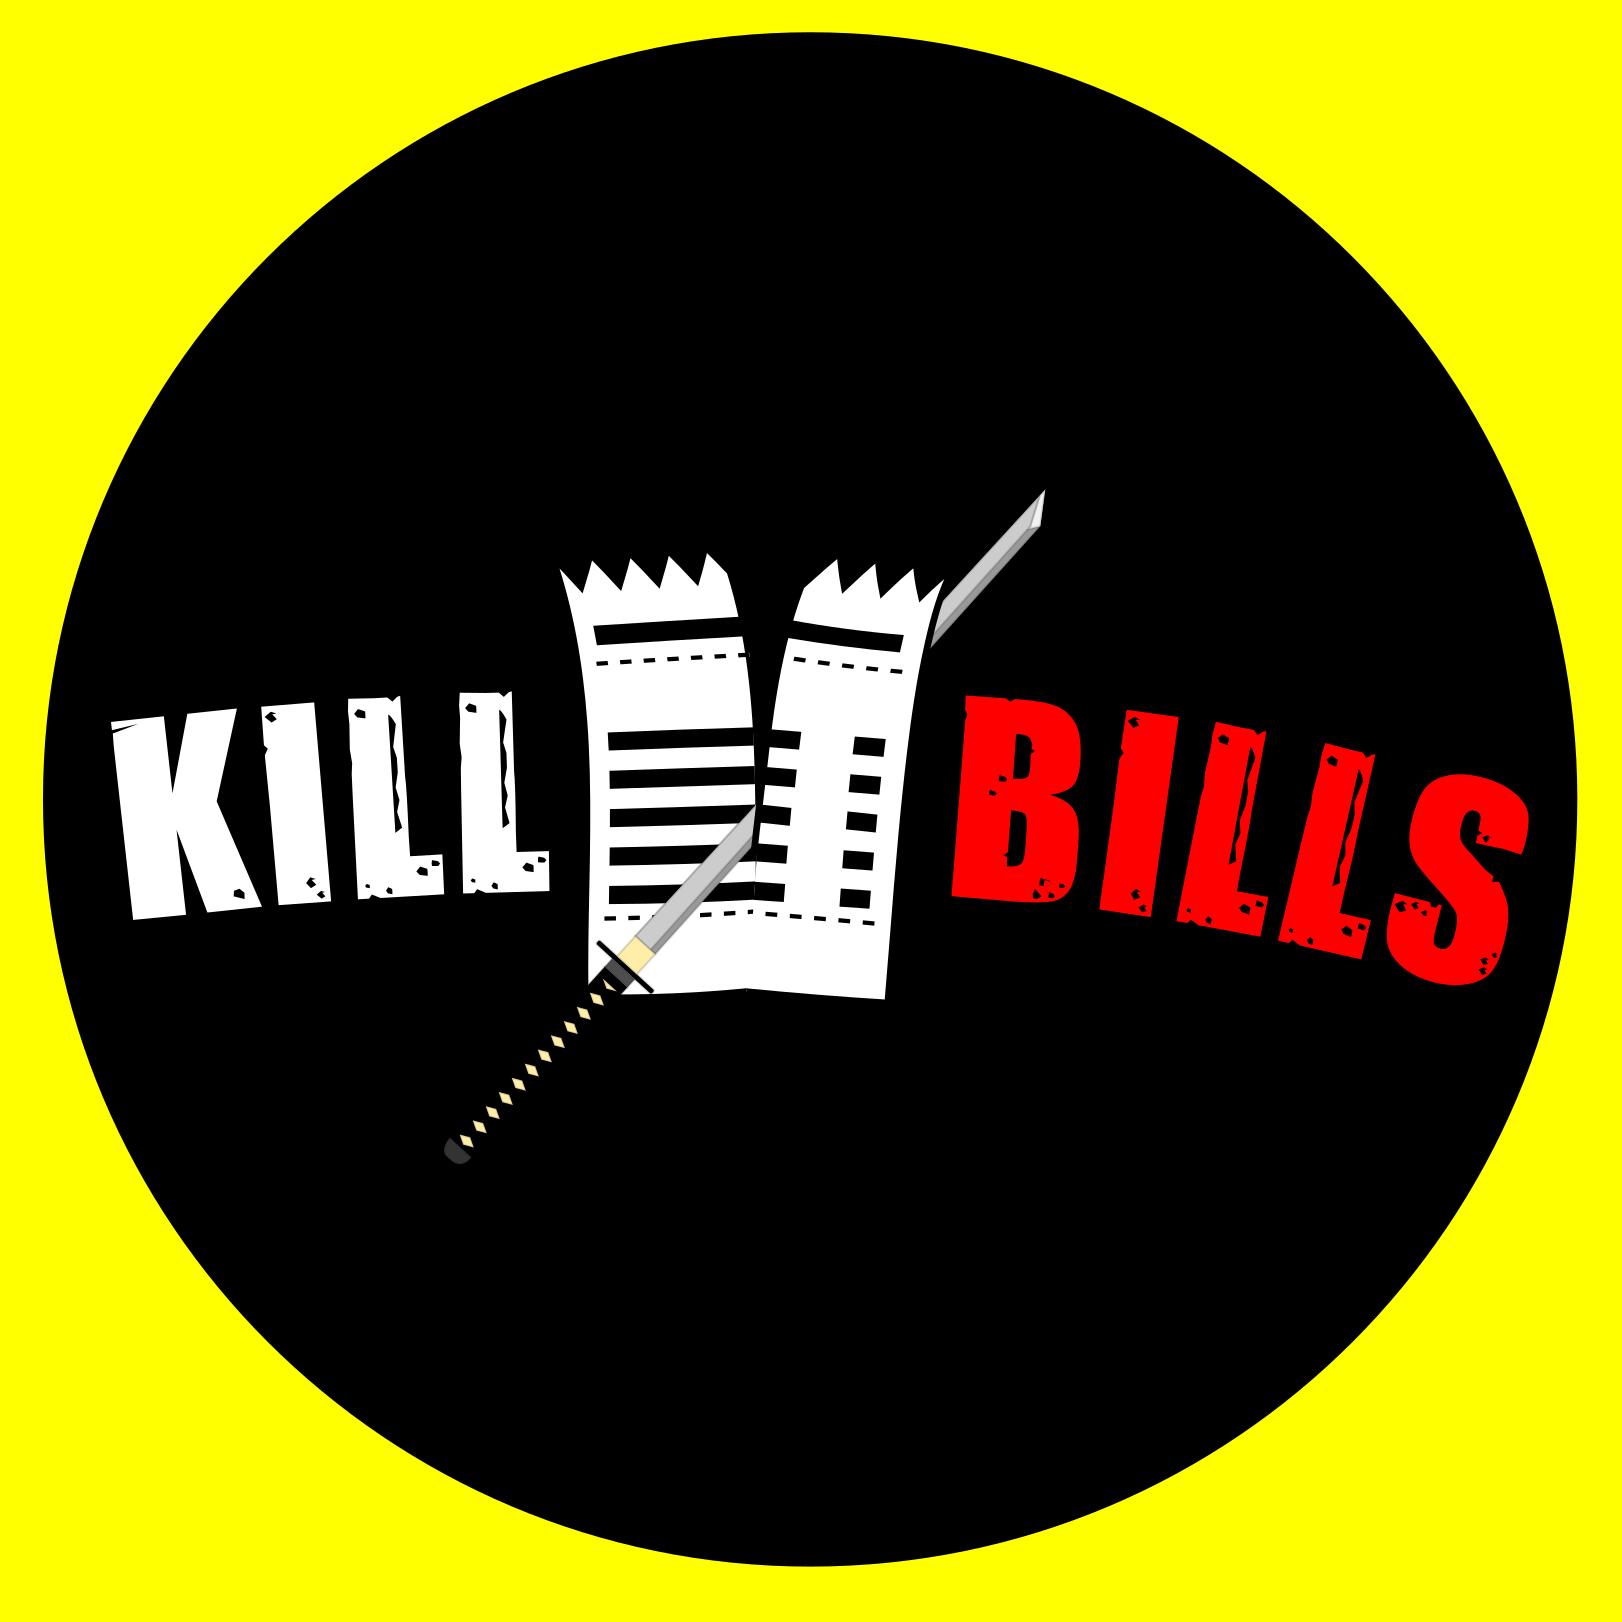 kill bills logo